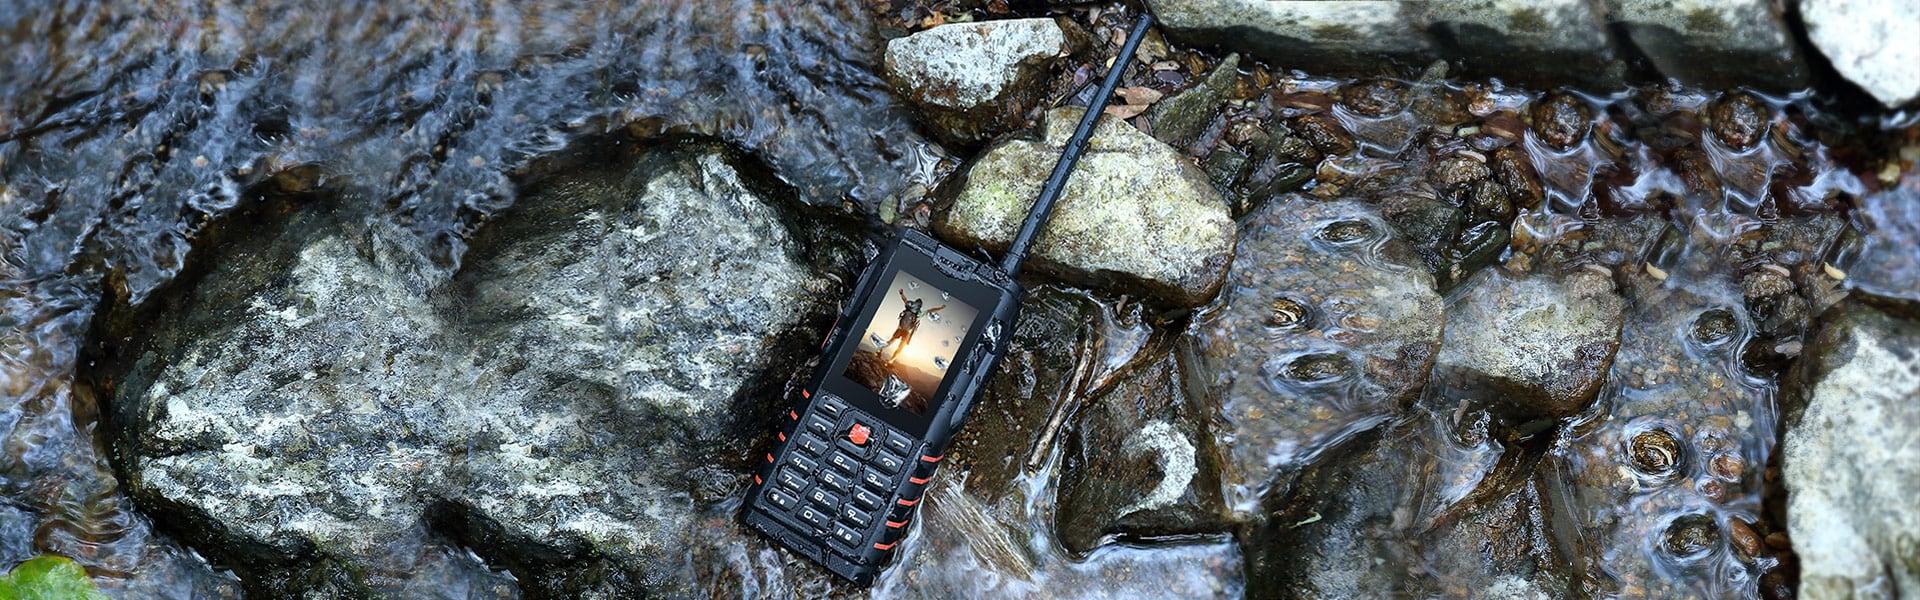 waterproof outdoor phone